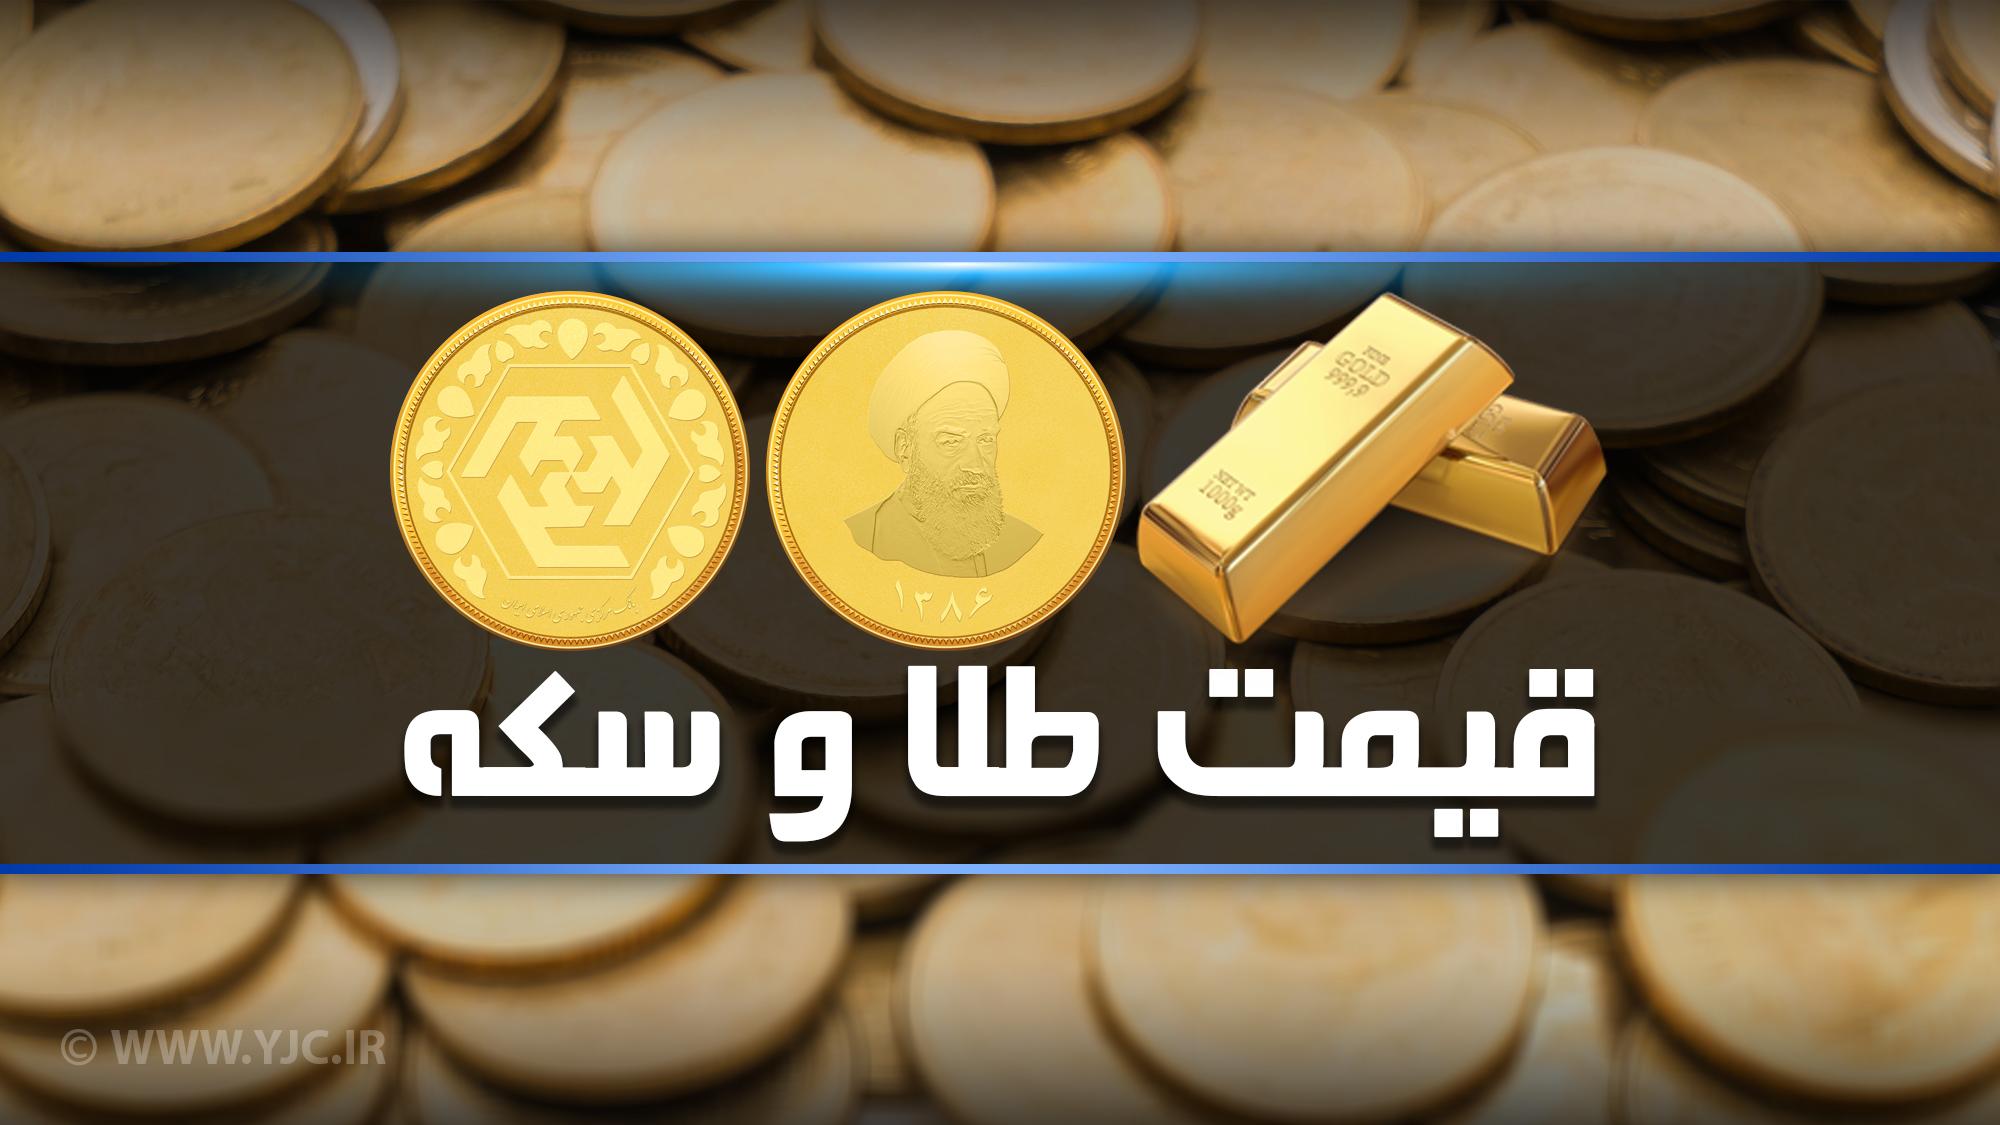 نرخ سکه و طلا در ۱۶ آذر / قیمت هر گرم طلای ۱۸ عیار ۴۵۲ هزار تومان شد + جدول